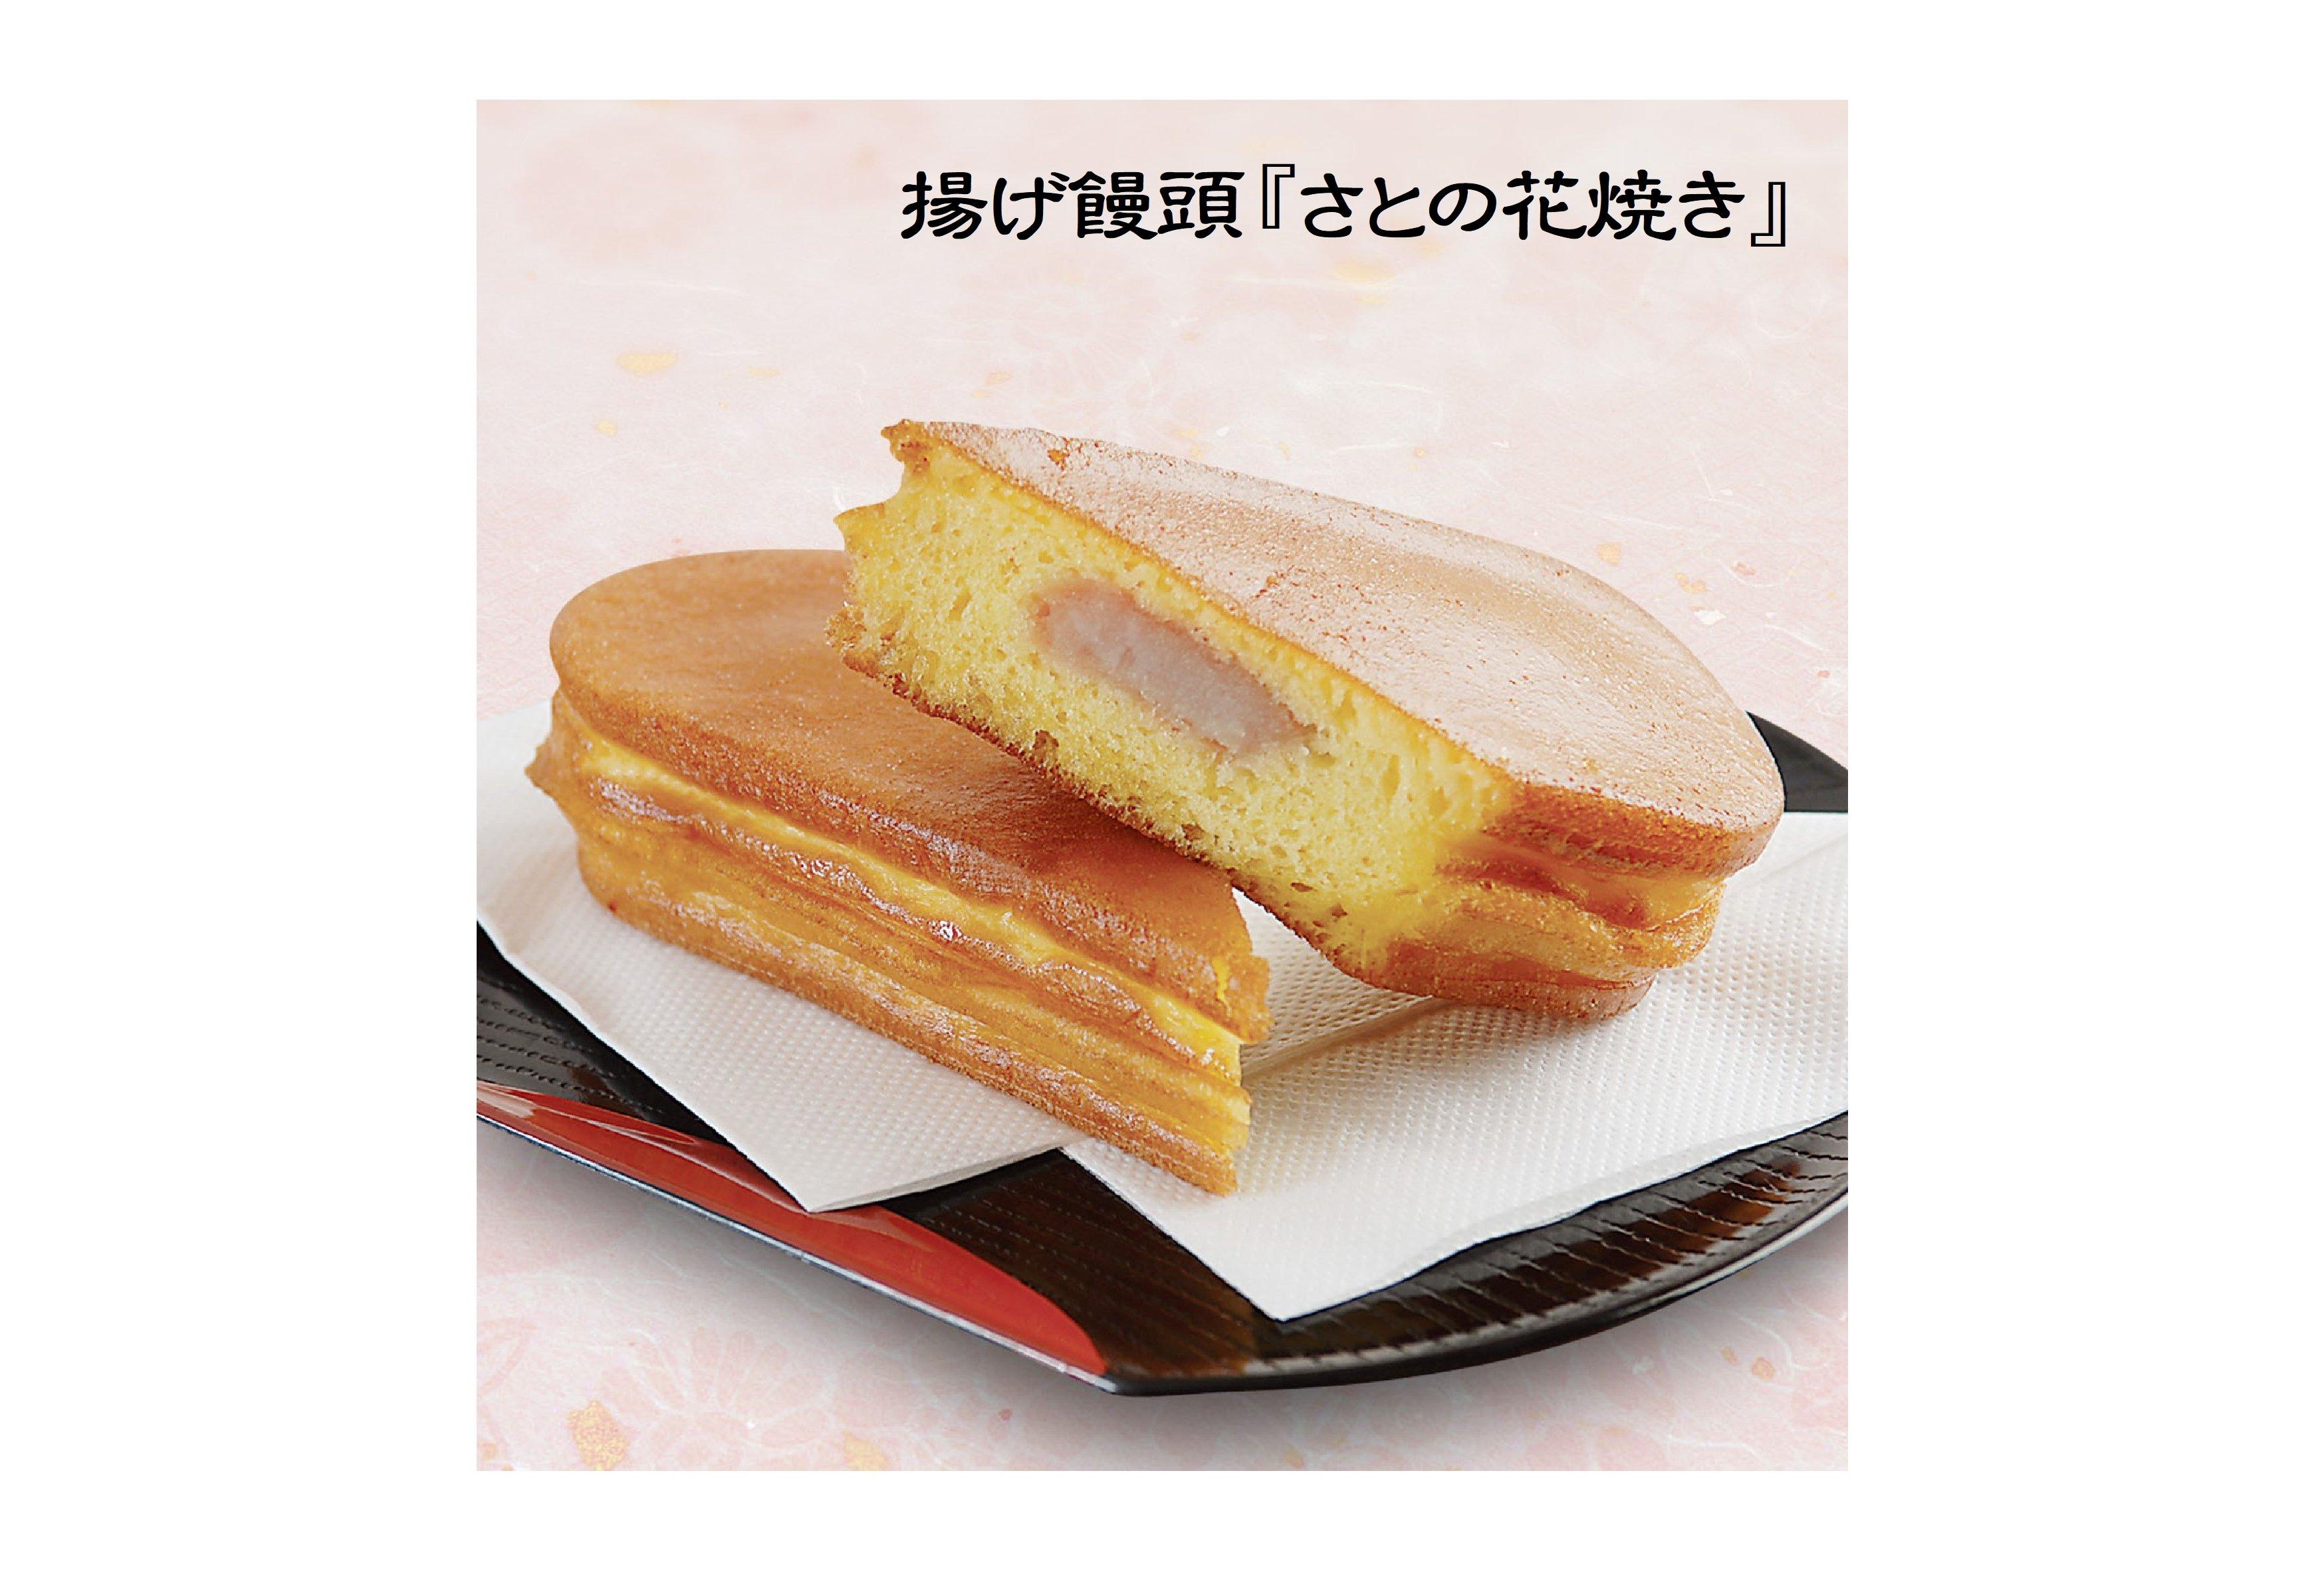 【現地払い専用】中華粥・ドリンク・花焼きセットのイメージその6